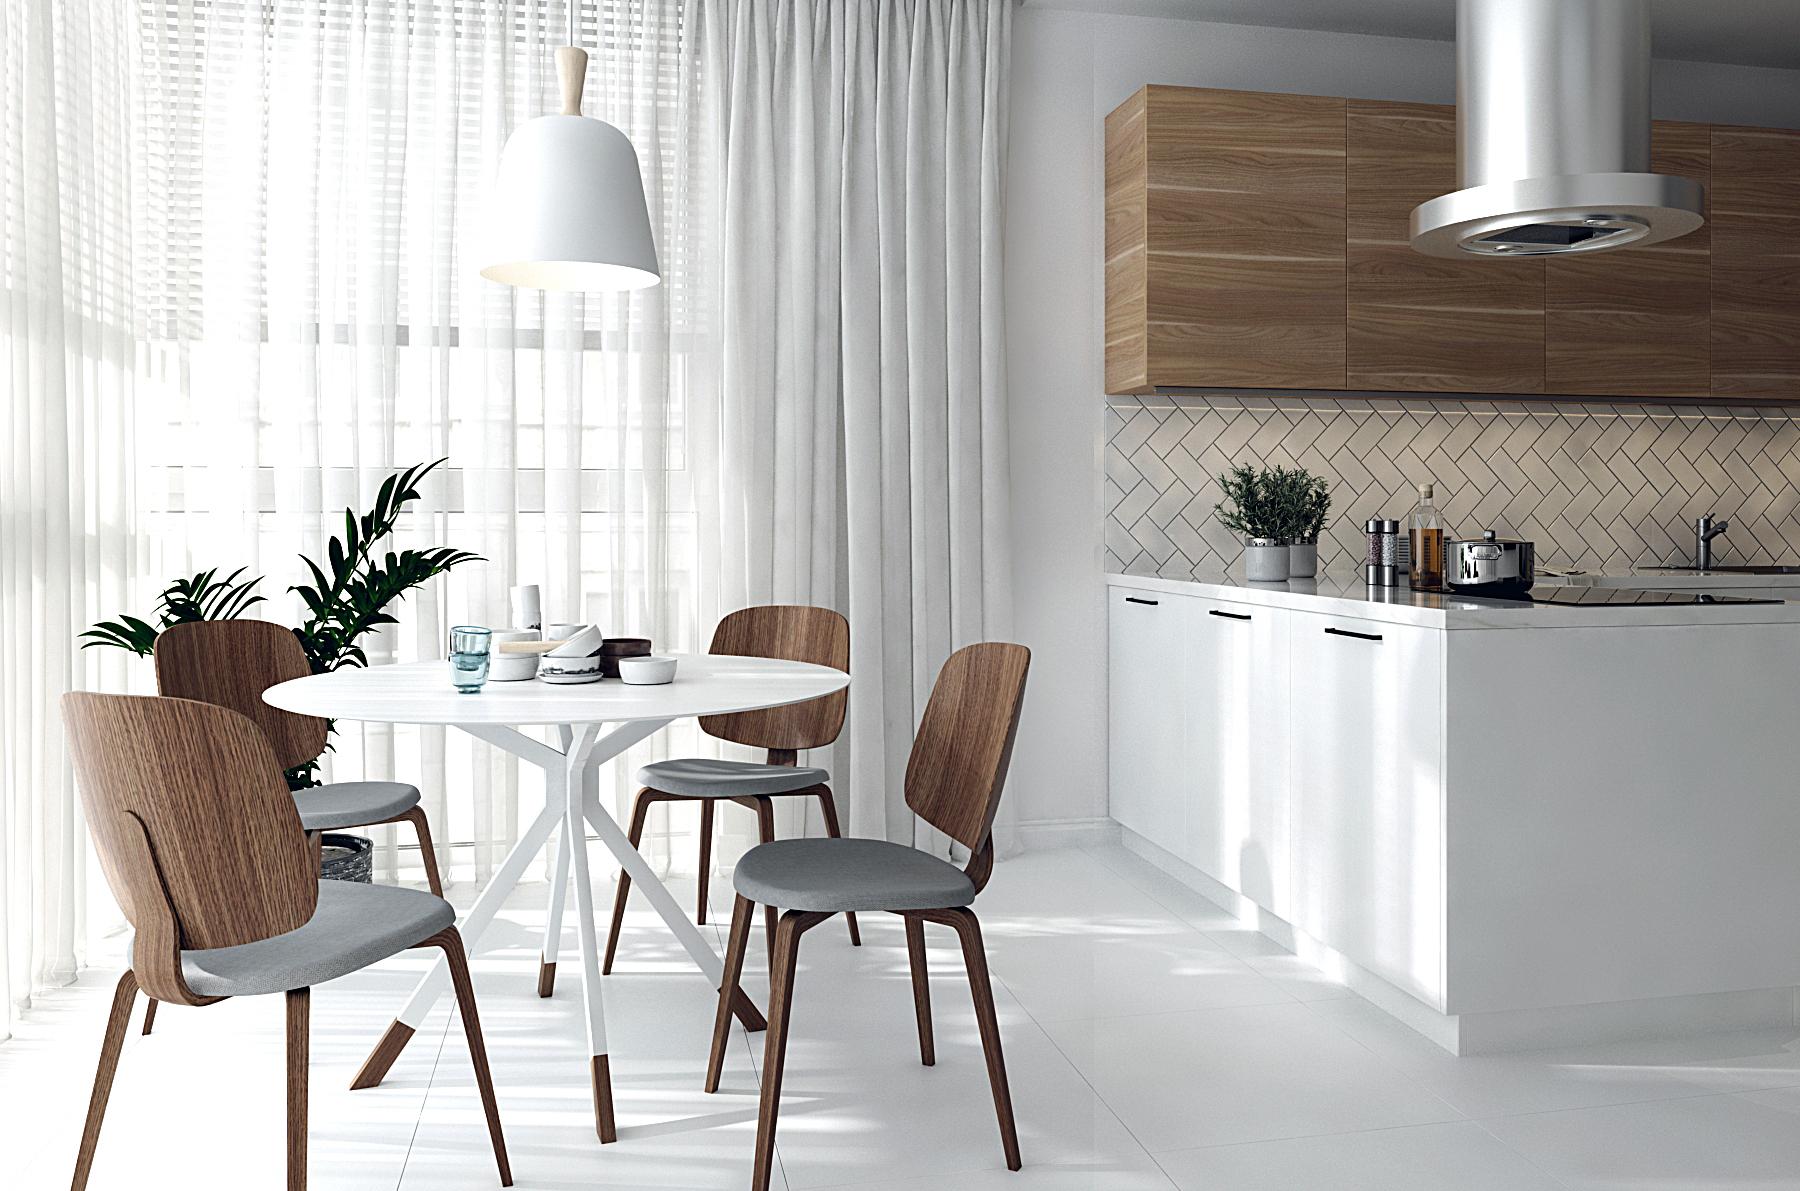 Изображение столовой зоны на кухне